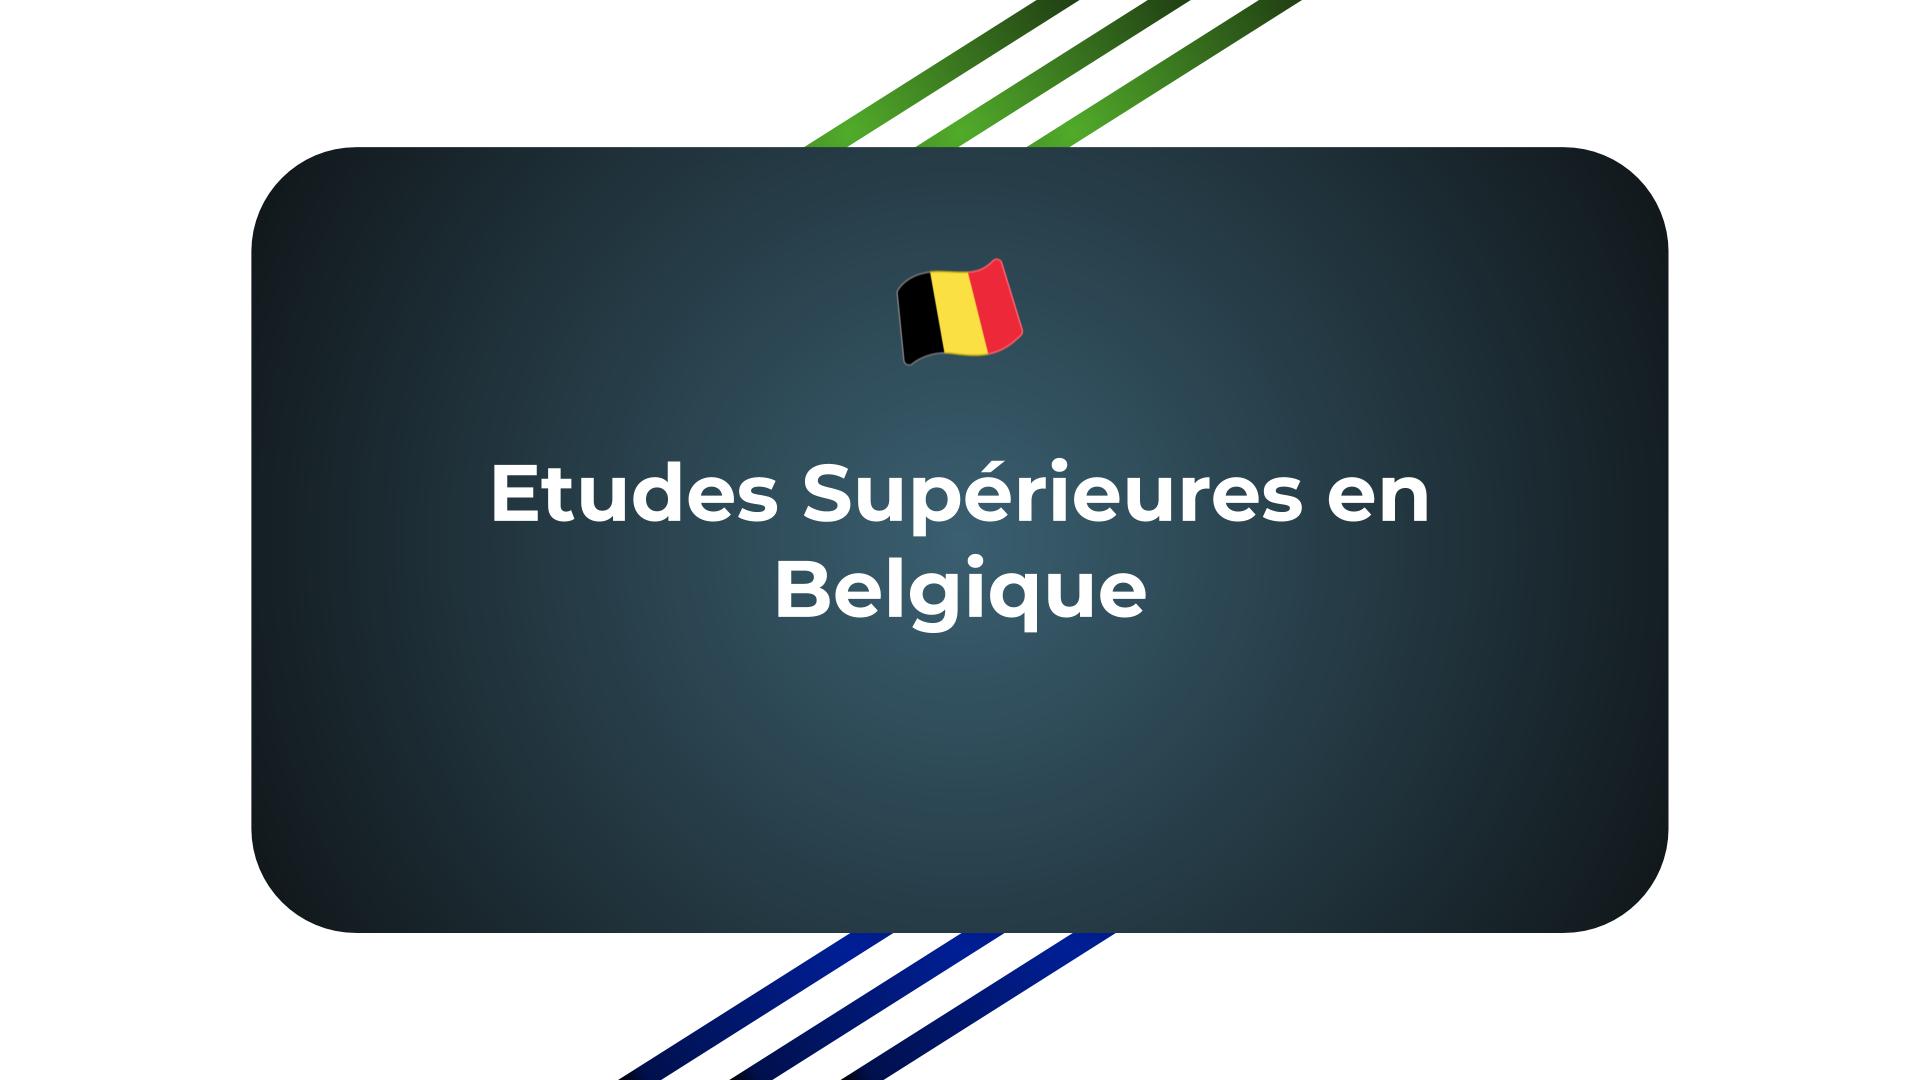 Etudes Supérieures en Belgique